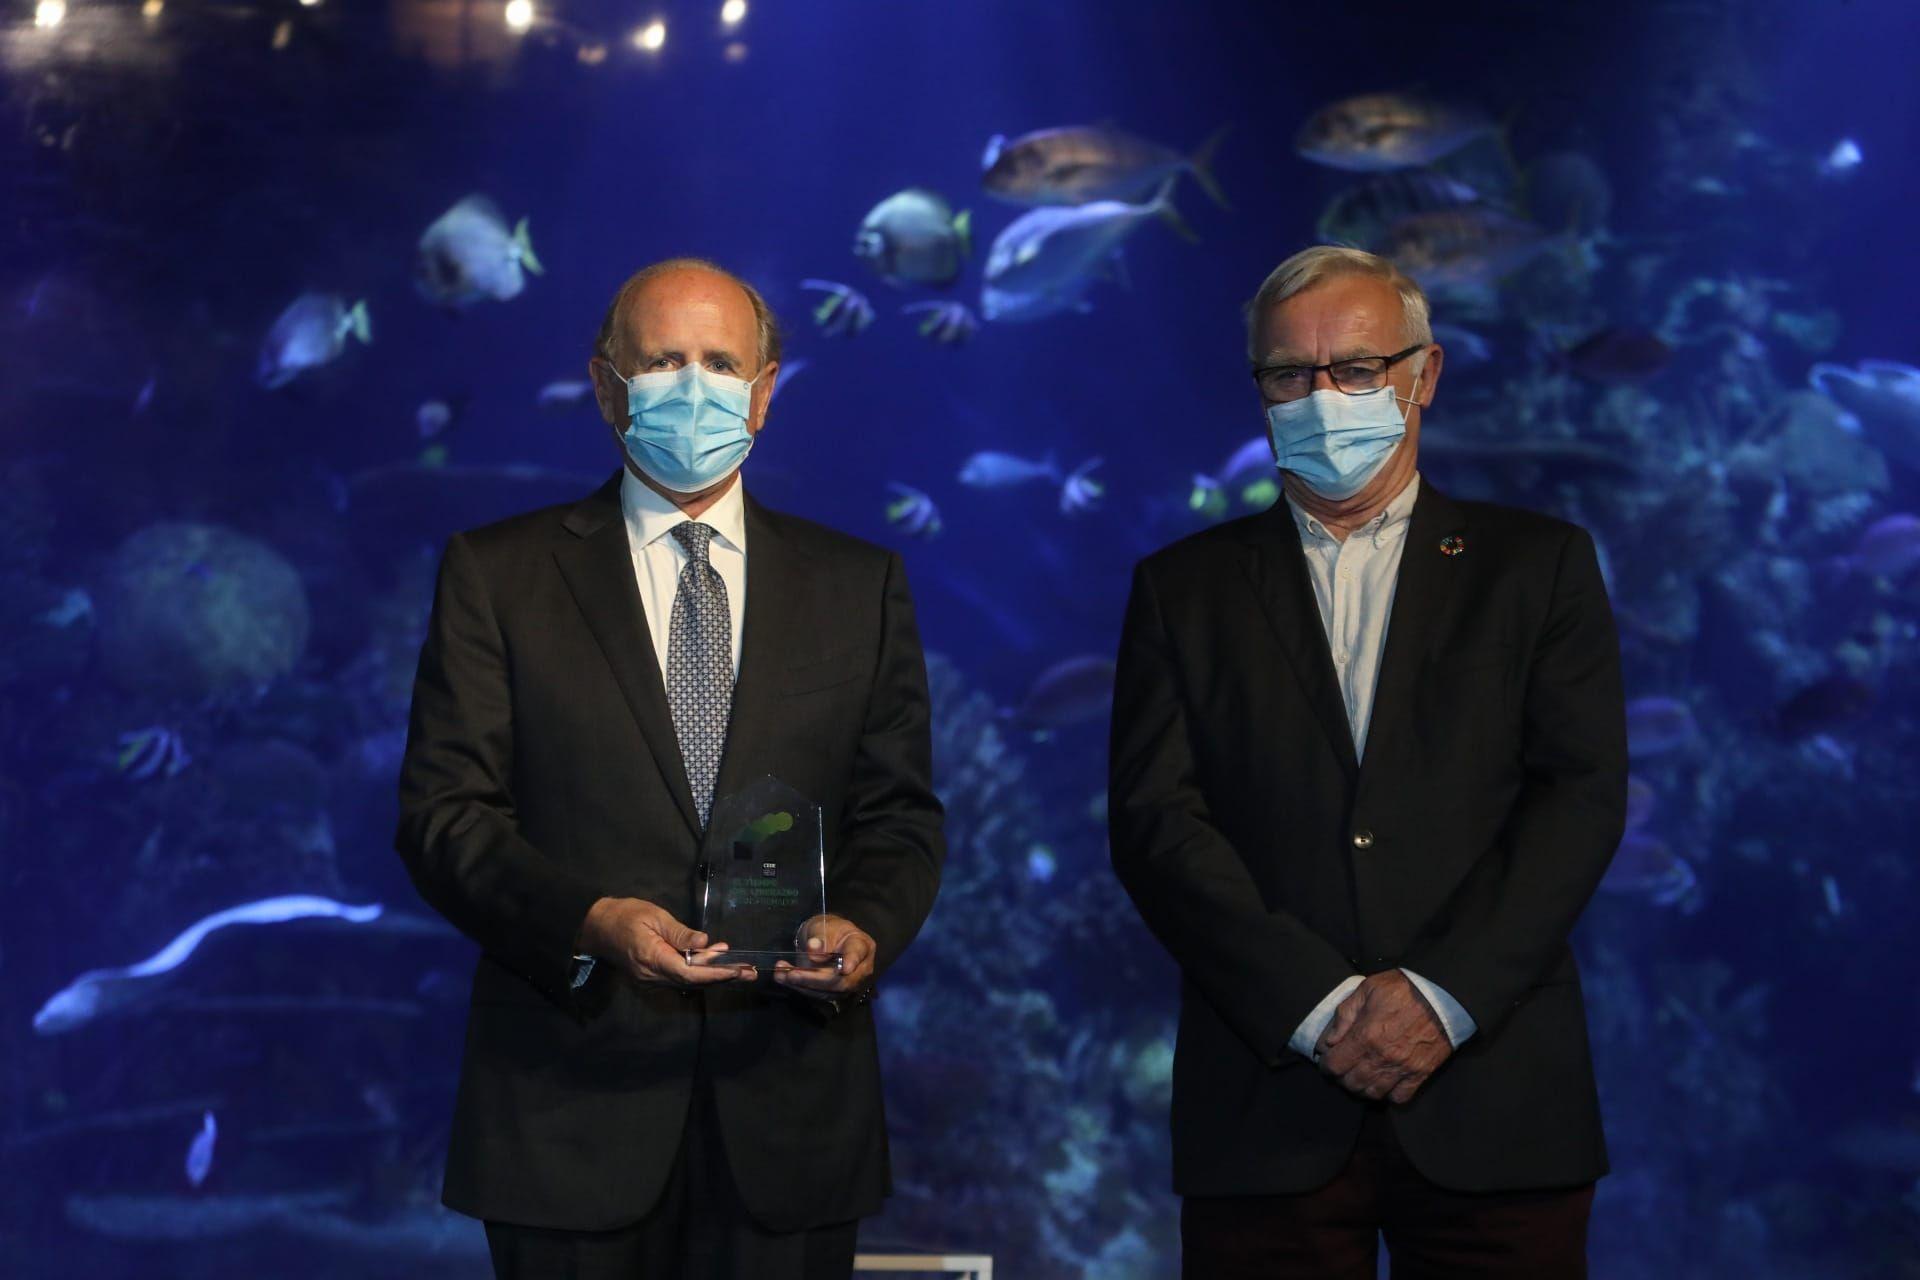 La Fundación CEDE entrega en Valencia sus premios anuales a EDEM, Casa Caridad, Grupo Pamesa, Aitex y al empresario Javier Fur Quesada